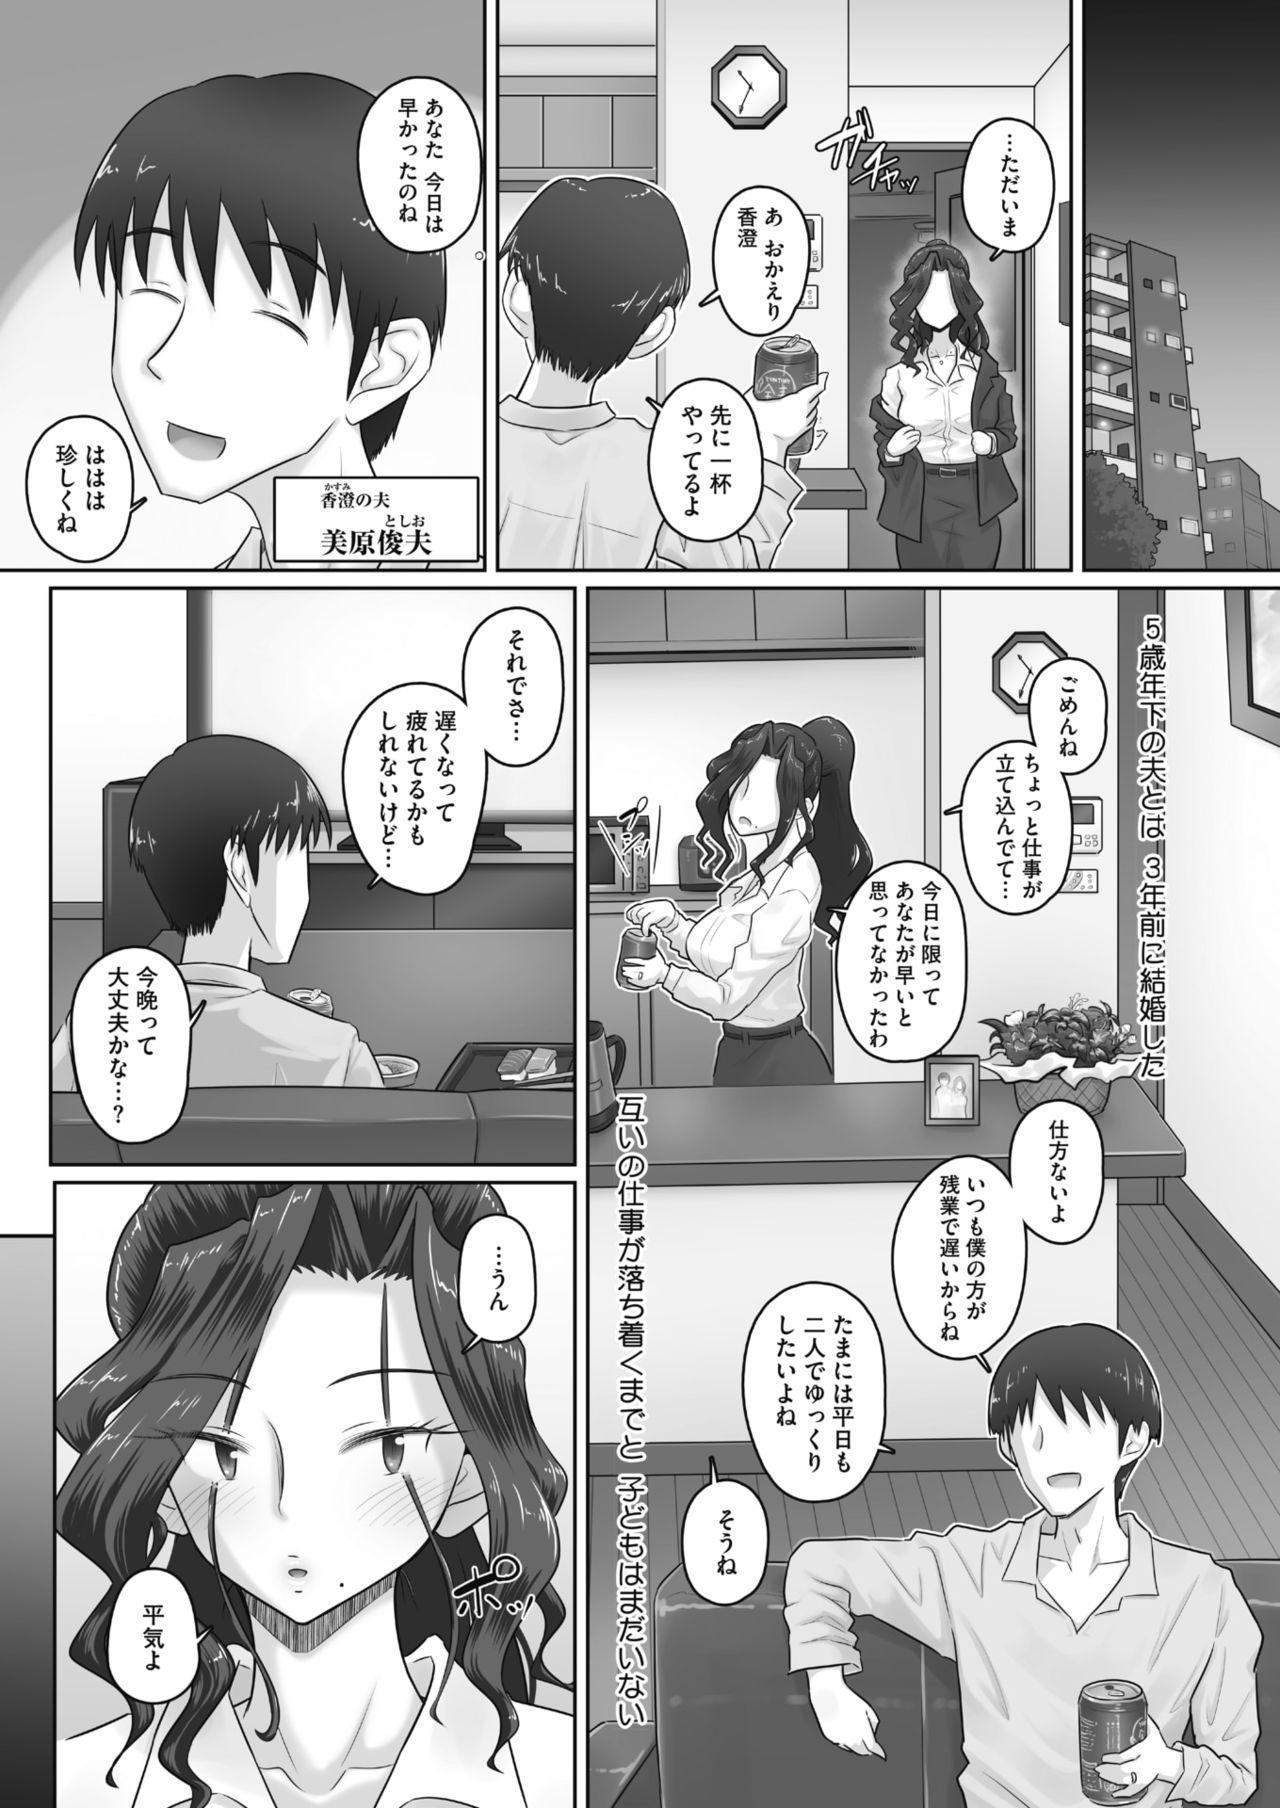 [Urayoroduya (Yoroduya Hyakuhachi)] Ki no Tsuyoi Onna Joushi (31-sai Hitozuma) Matome 10